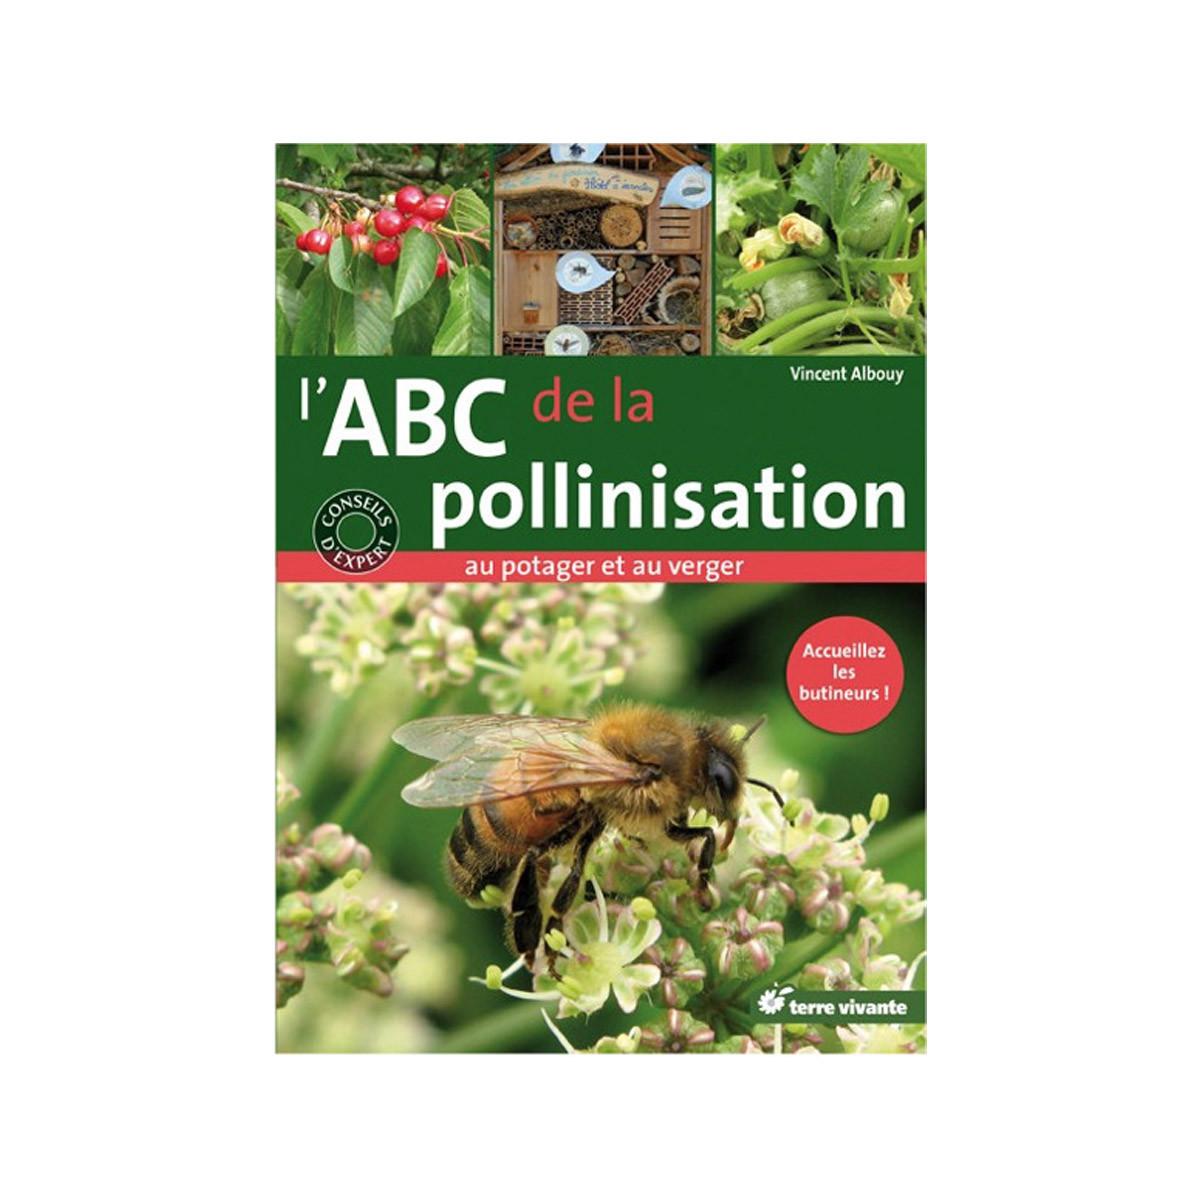 L'ABC de la pollinisation...